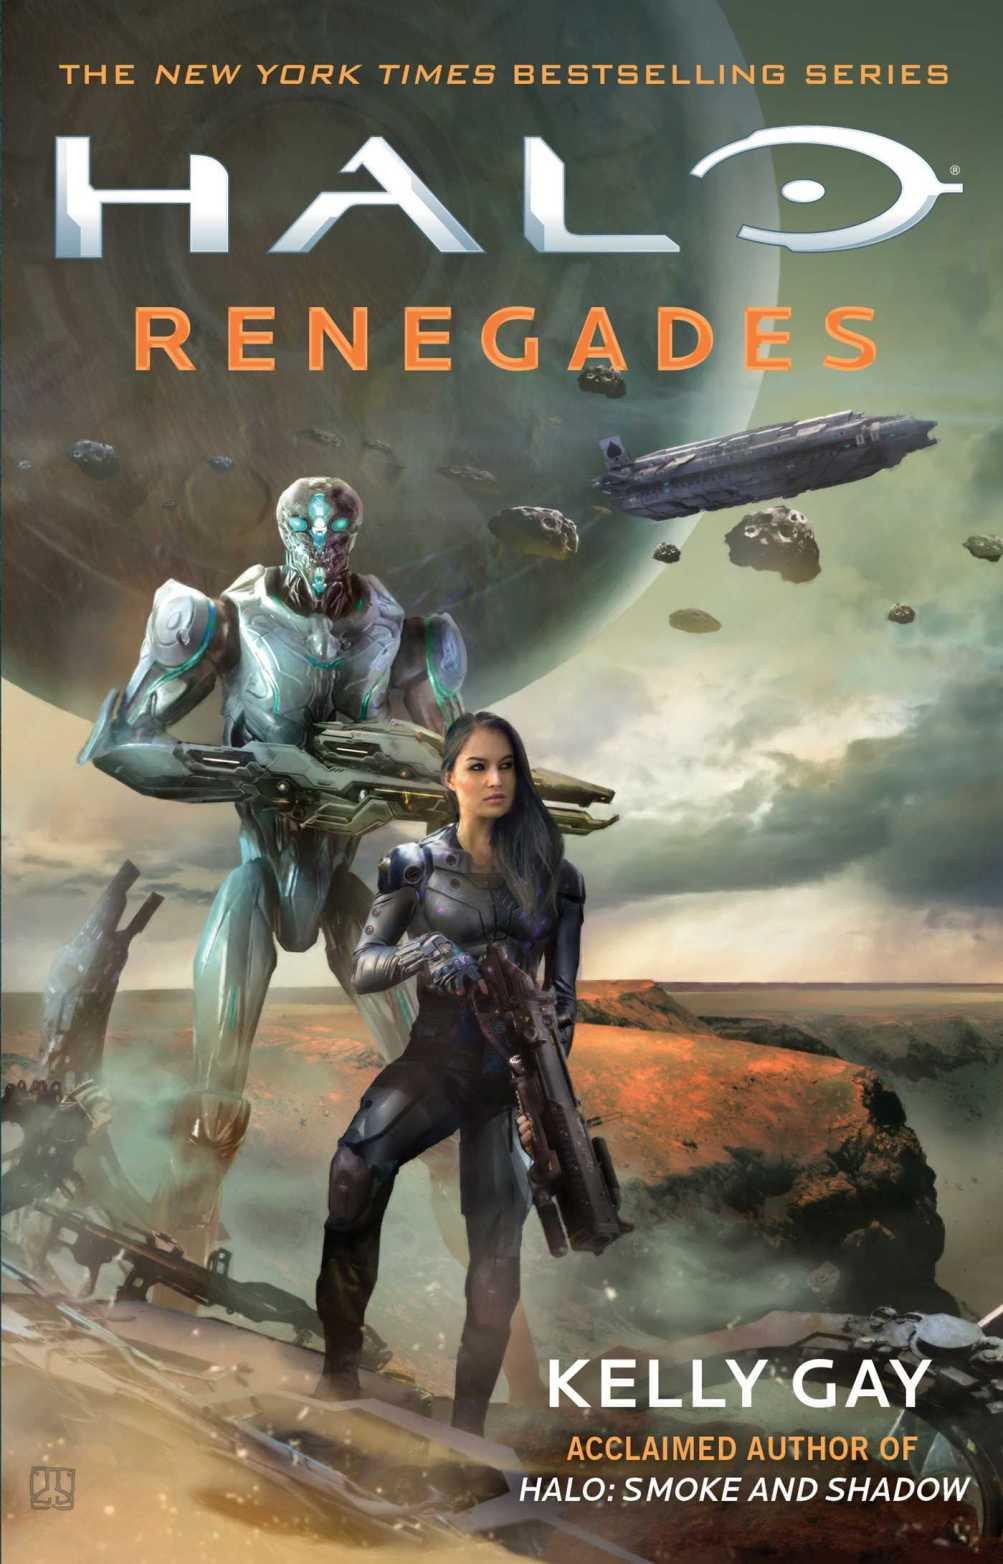 「Halo renageds」の画像検索結果